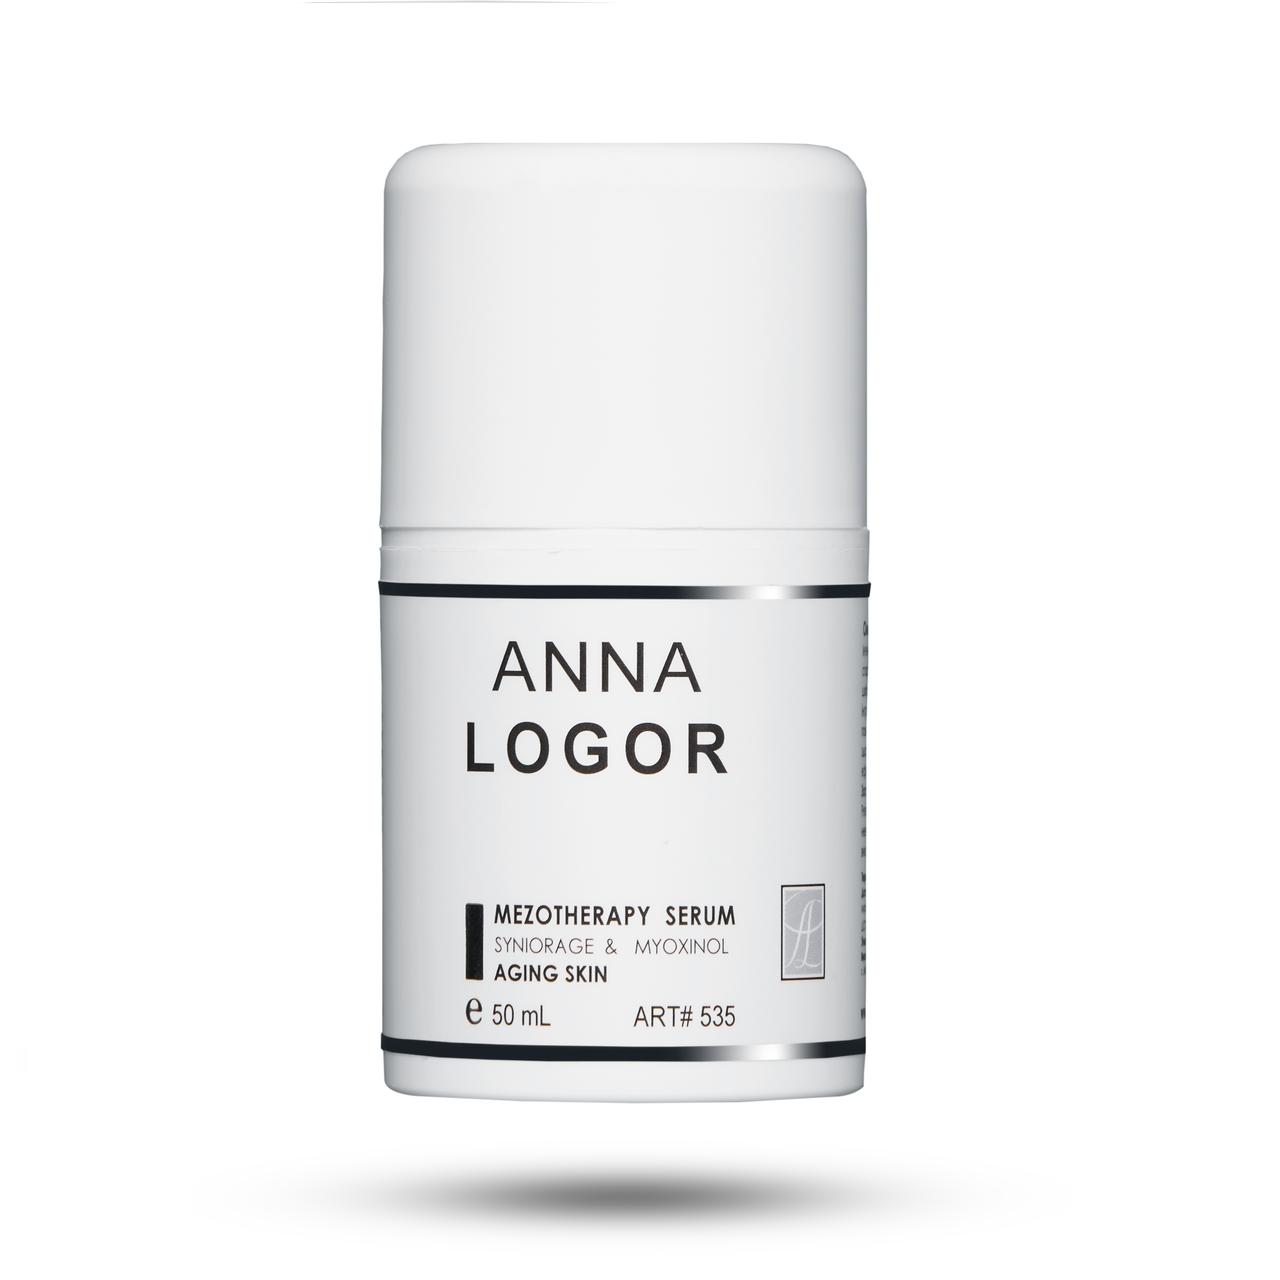 Сыворотка омолаживающая с пептидами Anna LOGOR Mezotherapy Serum 50 ml Art. 535